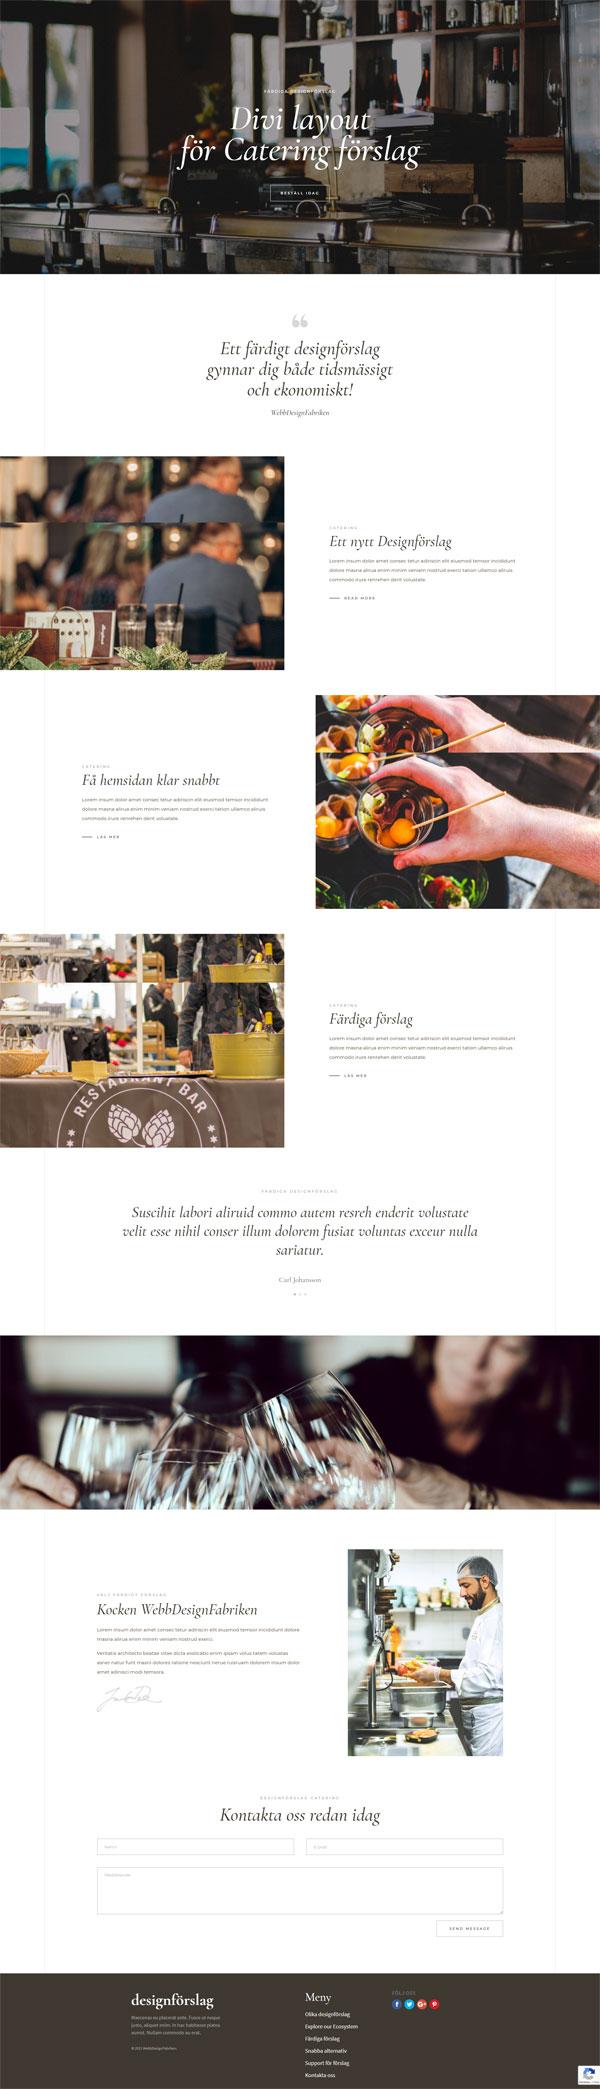 Färdigt designföslag för Cafe eller cateringfirma